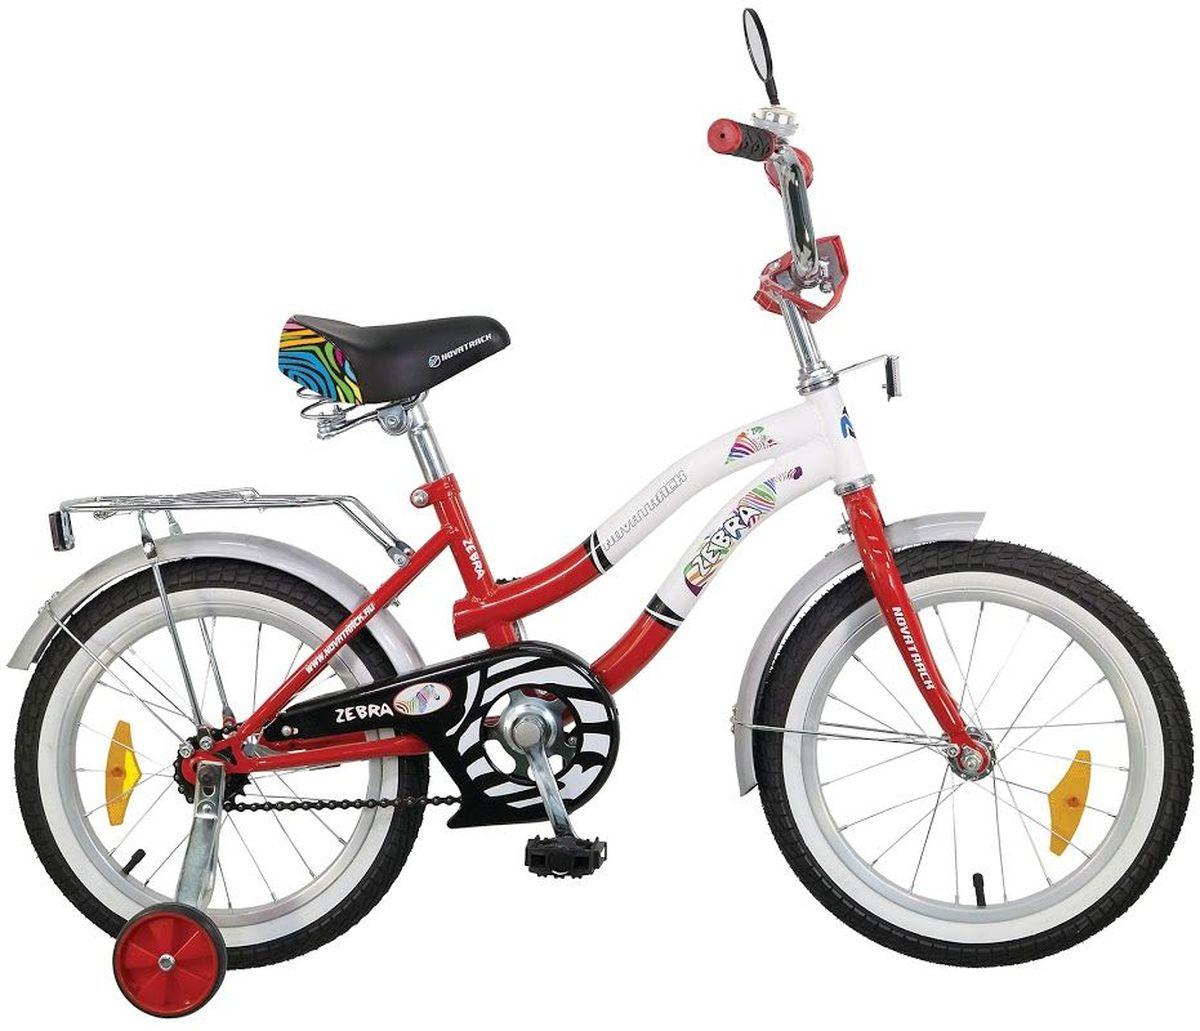 Велосипед детский Novatrack Зебра, цвет: красный, 20205ZEBRA.RD6Велосипед Novatrack Zebra c 20-дюймовыми колесами это надежный велосипед для ребят от 7 до 10 лет. Данная модель специально разработана для начинающих велосипедистов дополнительные колеса, которые можно будет снять, когда ребенок научится держать равновесие, блестящий багажник для перевозки игрушек, надежный ножной тормоз, защита цепи от попадания одежды в механизм - все это сделает каждую поездку юного велосипедиста комфортной и безопасной. Маленькому велосипедисту, будь то мальчик или девочка, обязательно понравятся блестящий звонок и зеркальце заднего вида, которые установлены на руле велосипеда. Высота сидения и руля регулируются, поэтому велосипед прослужит ребенку не один год.